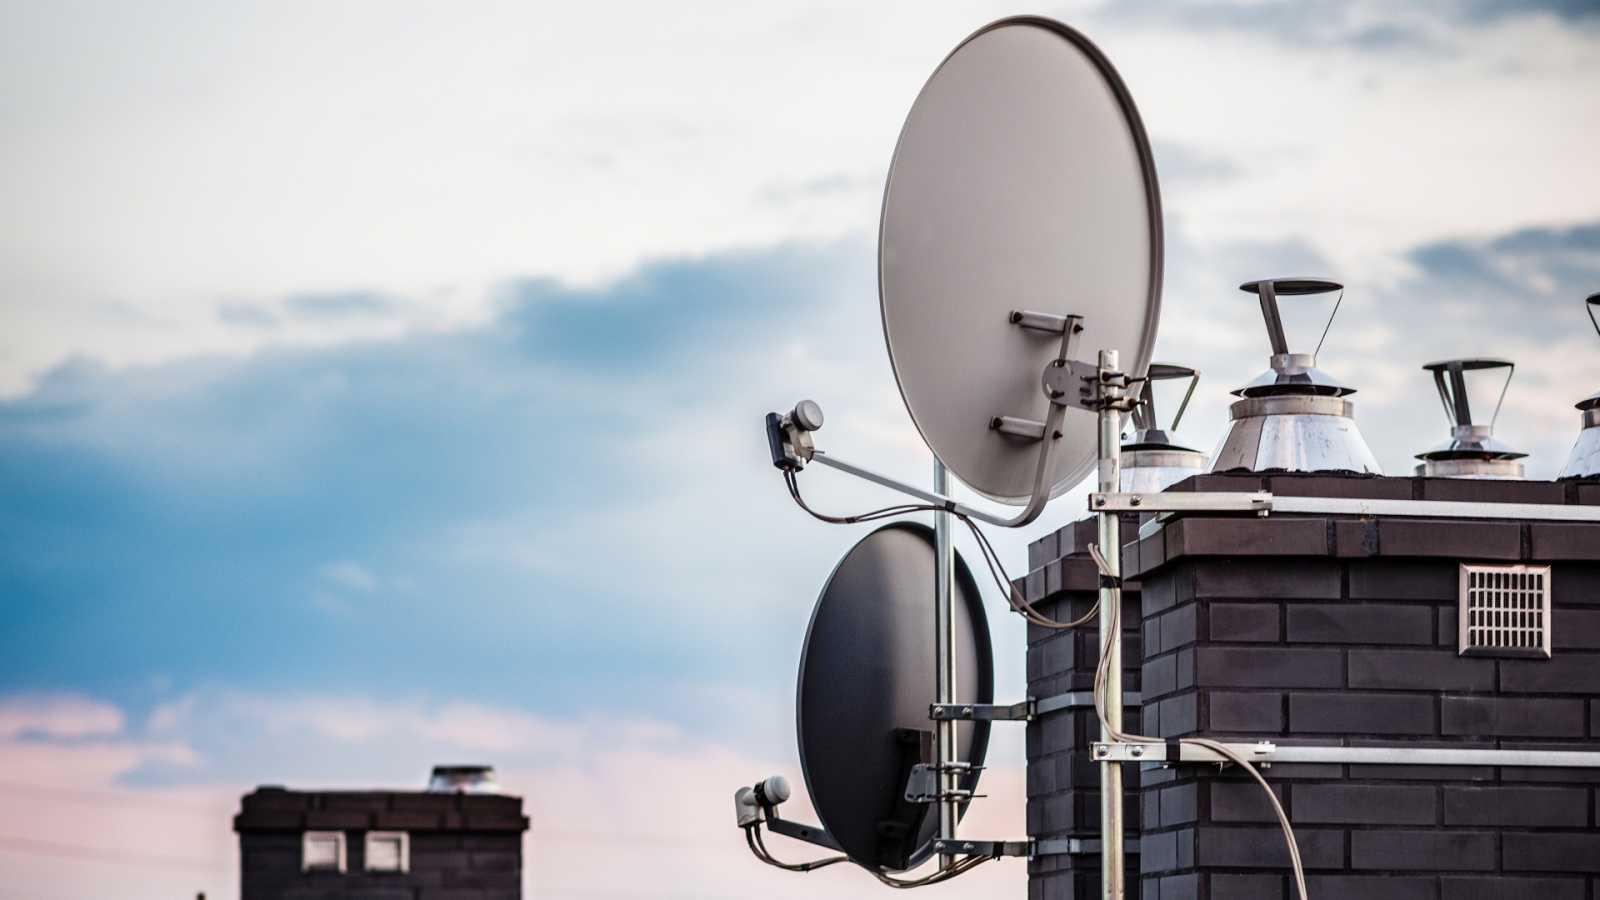 La Mañana - ¿Sabes cómo resintonizar tu antena?